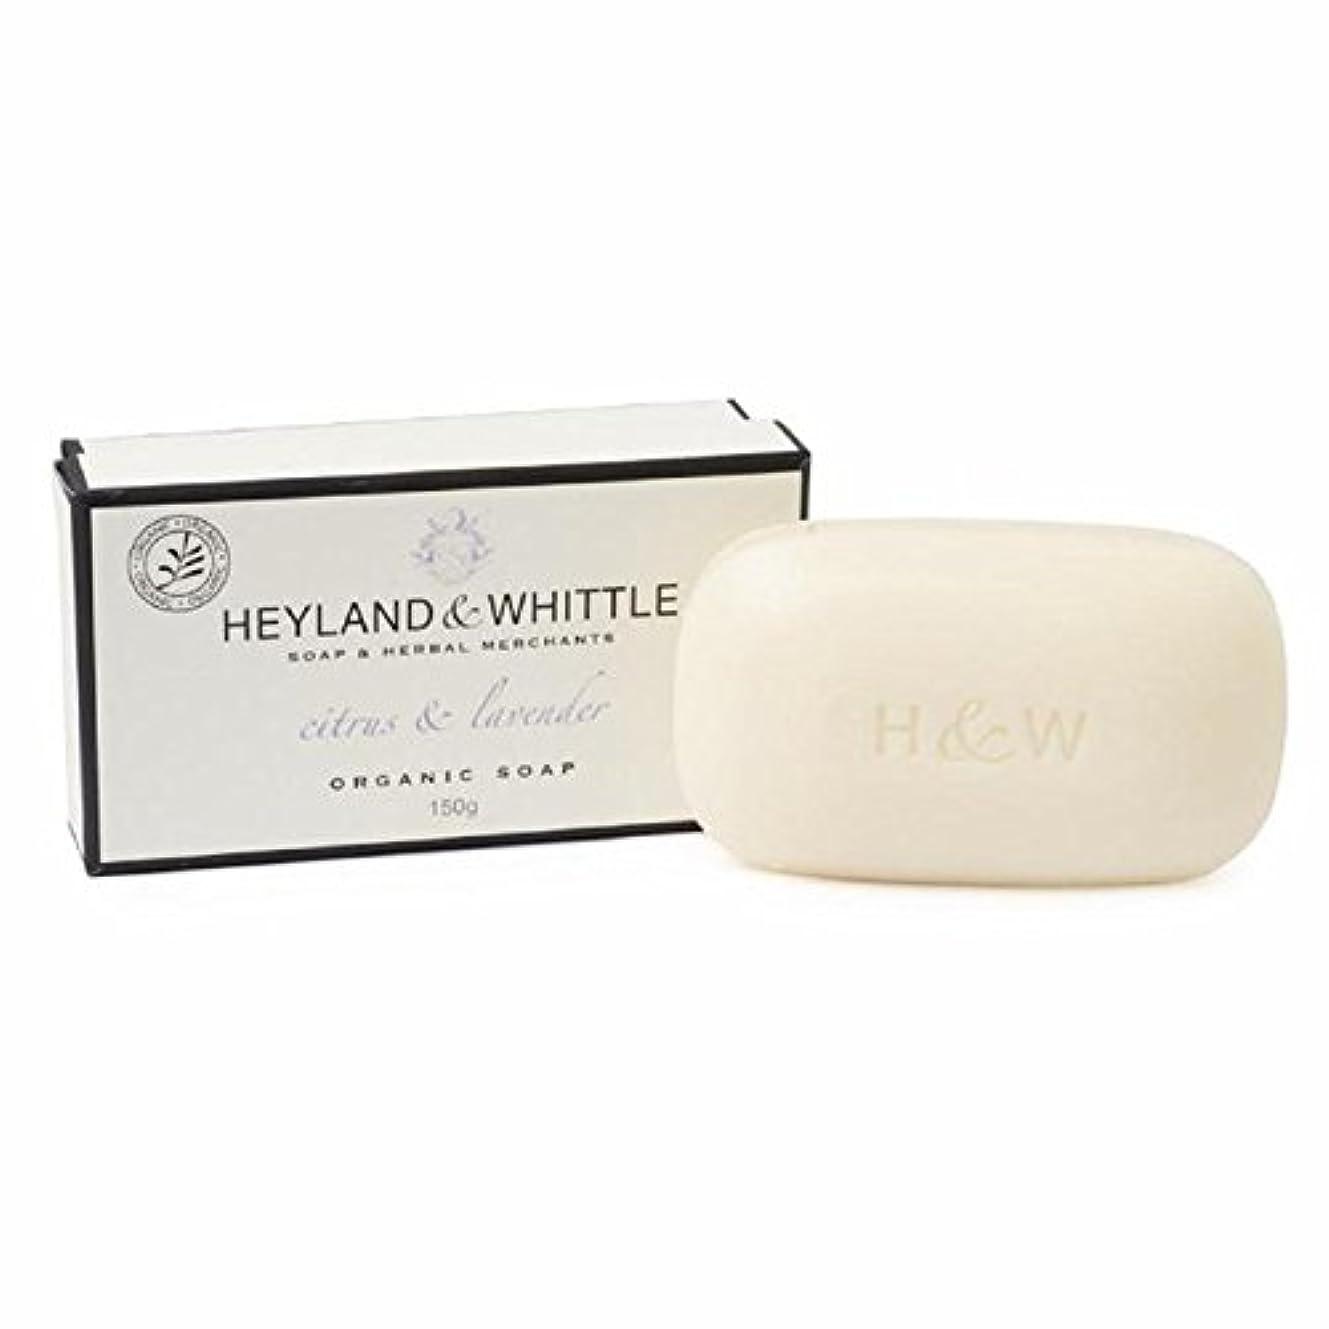 モノグラフ不愉快に回復するHeyland & Whittle Citrus & Lavender Boxed Organic Soap 150g (Pack of 6) - &削るシトラス&ラベンダーは、有機石鹸150グラム箱入り x6 [並行輸入品]